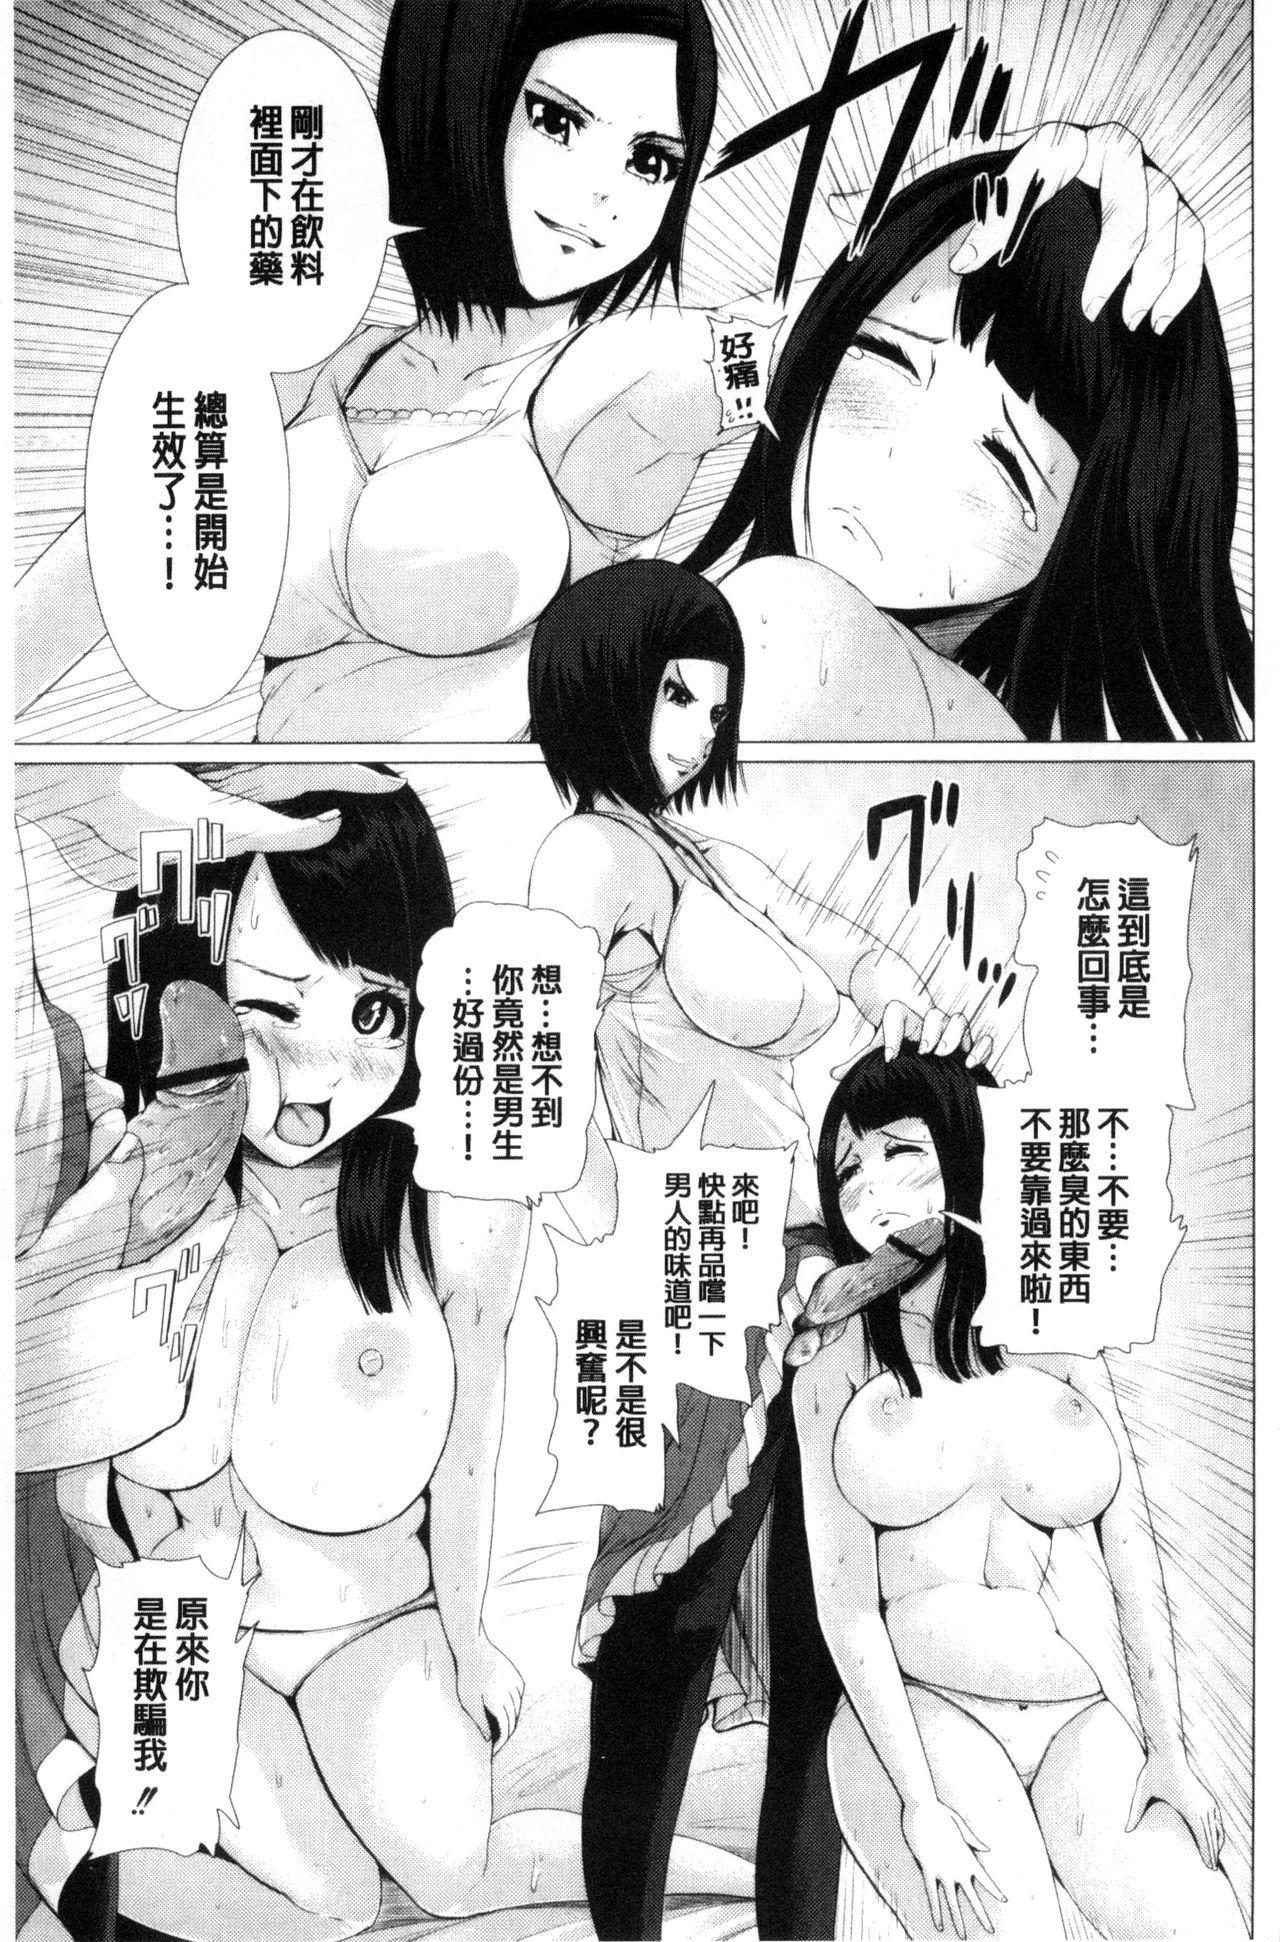 R18 Hatsuiku Shoujo 122